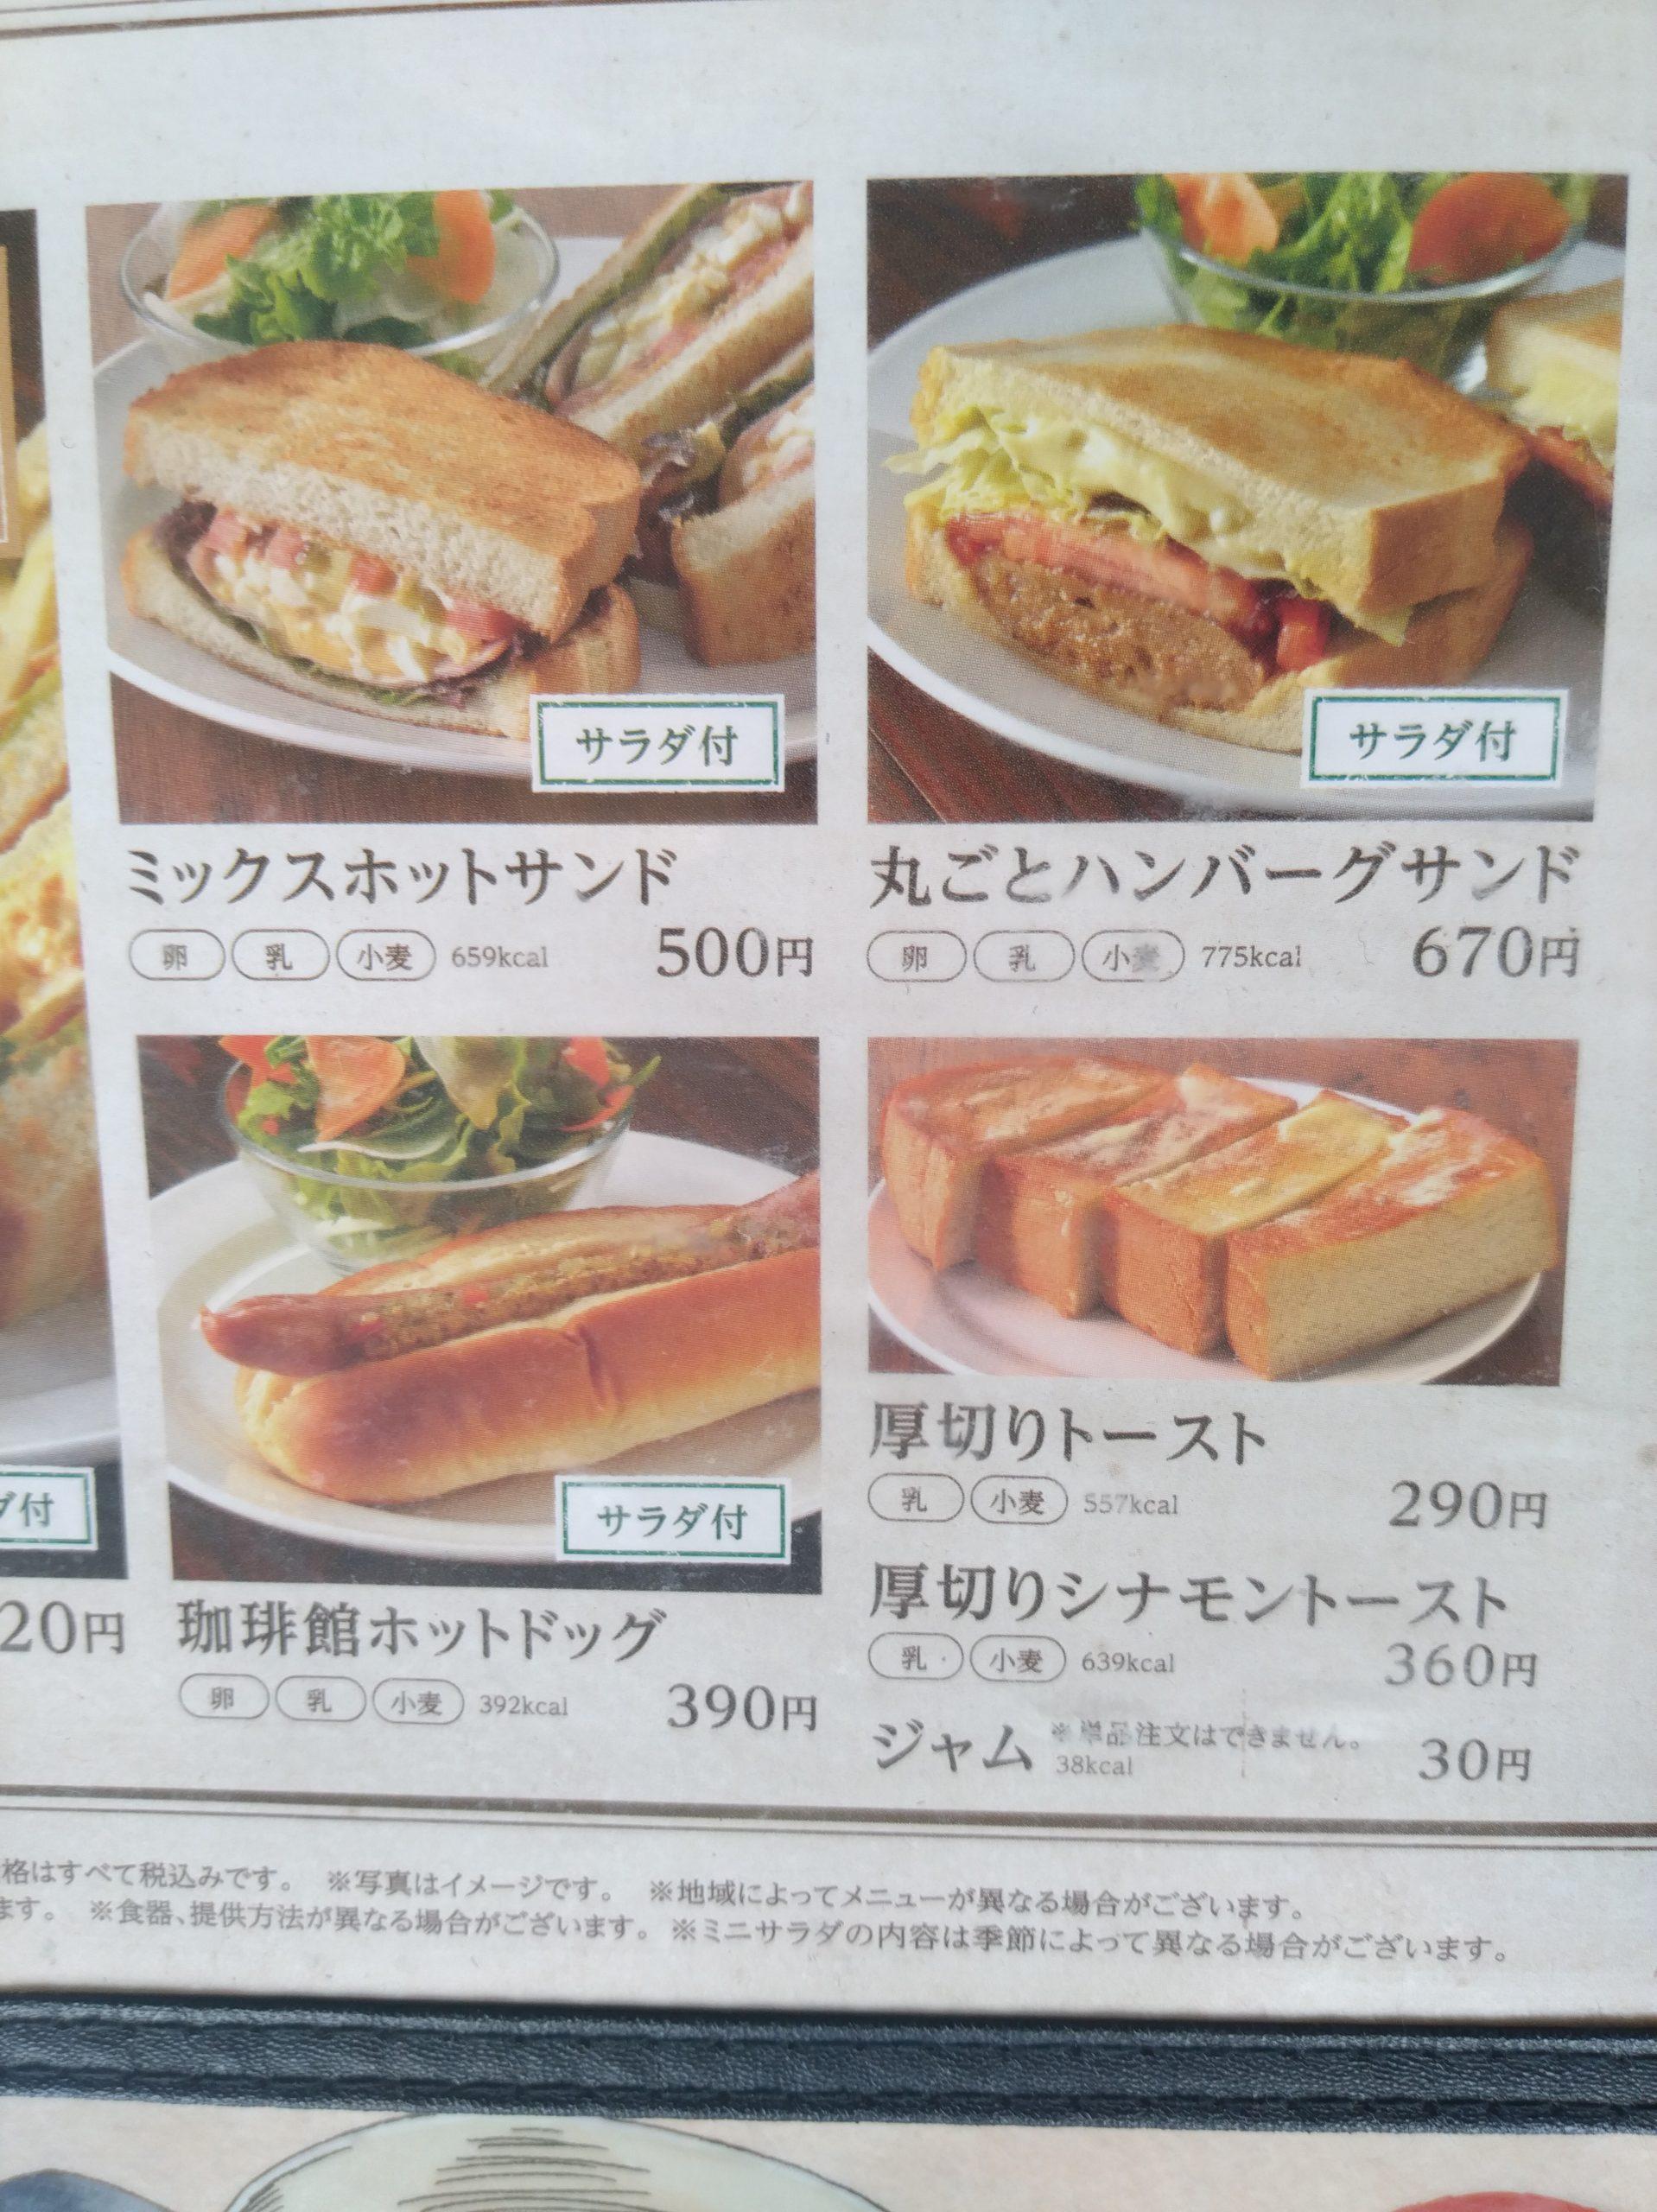 厚切りシナモントースト 珈琲館 メニュー